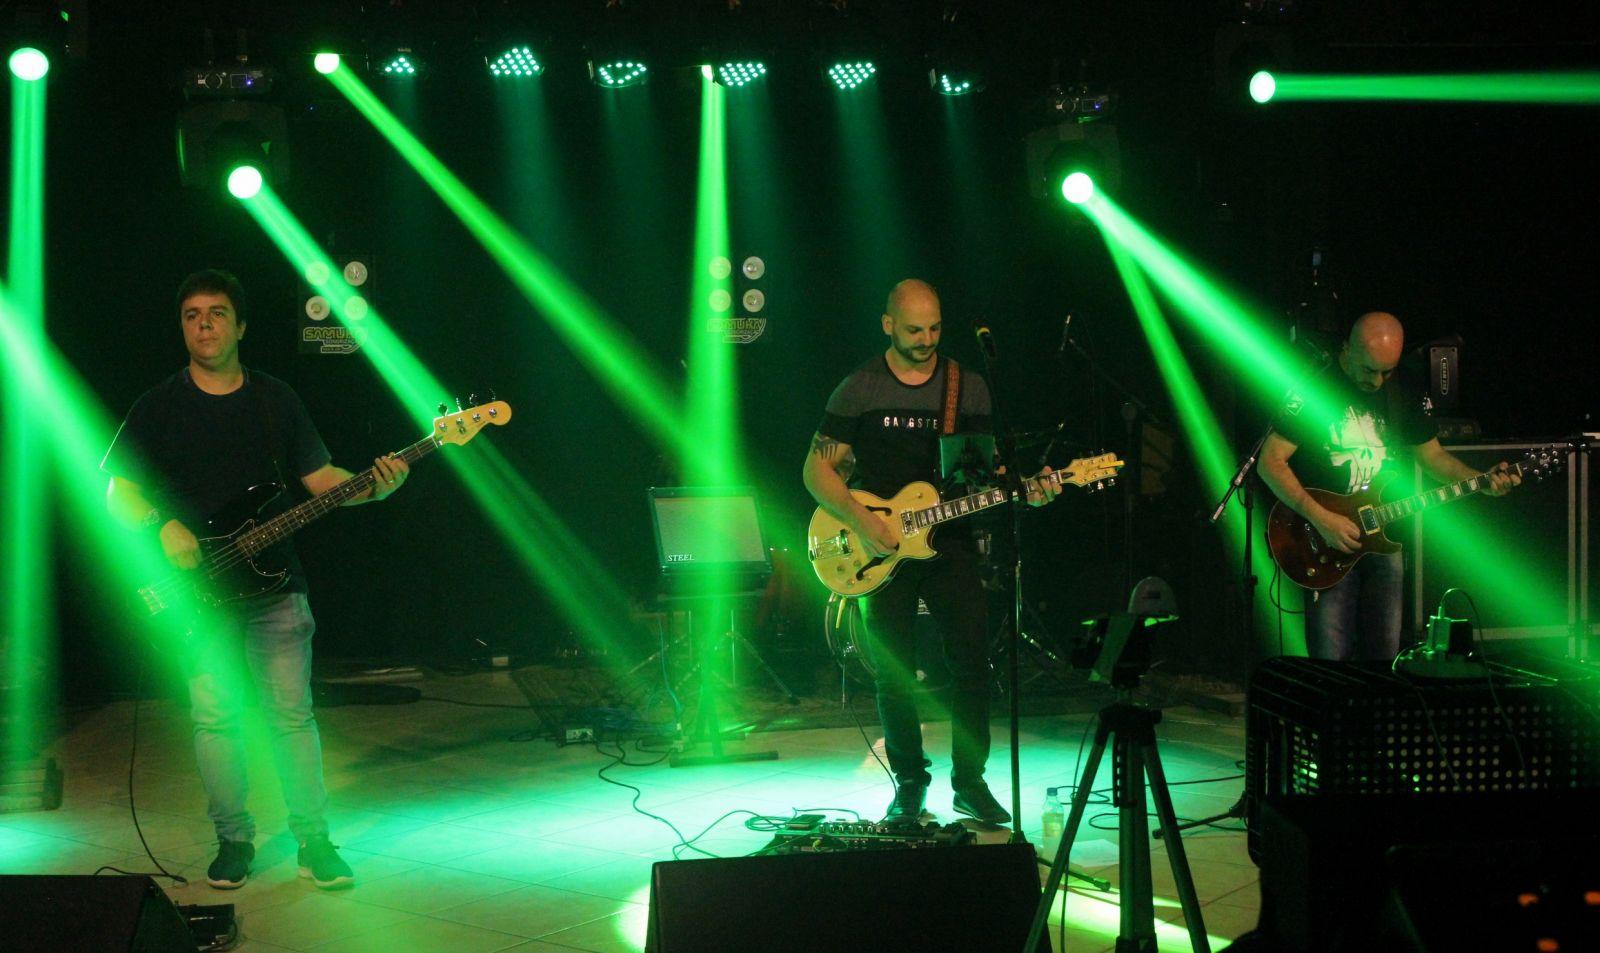 A Banda Back Over foi a terceira da noite e animou a noite com muito rock. Foto: Ana Paula Nesi